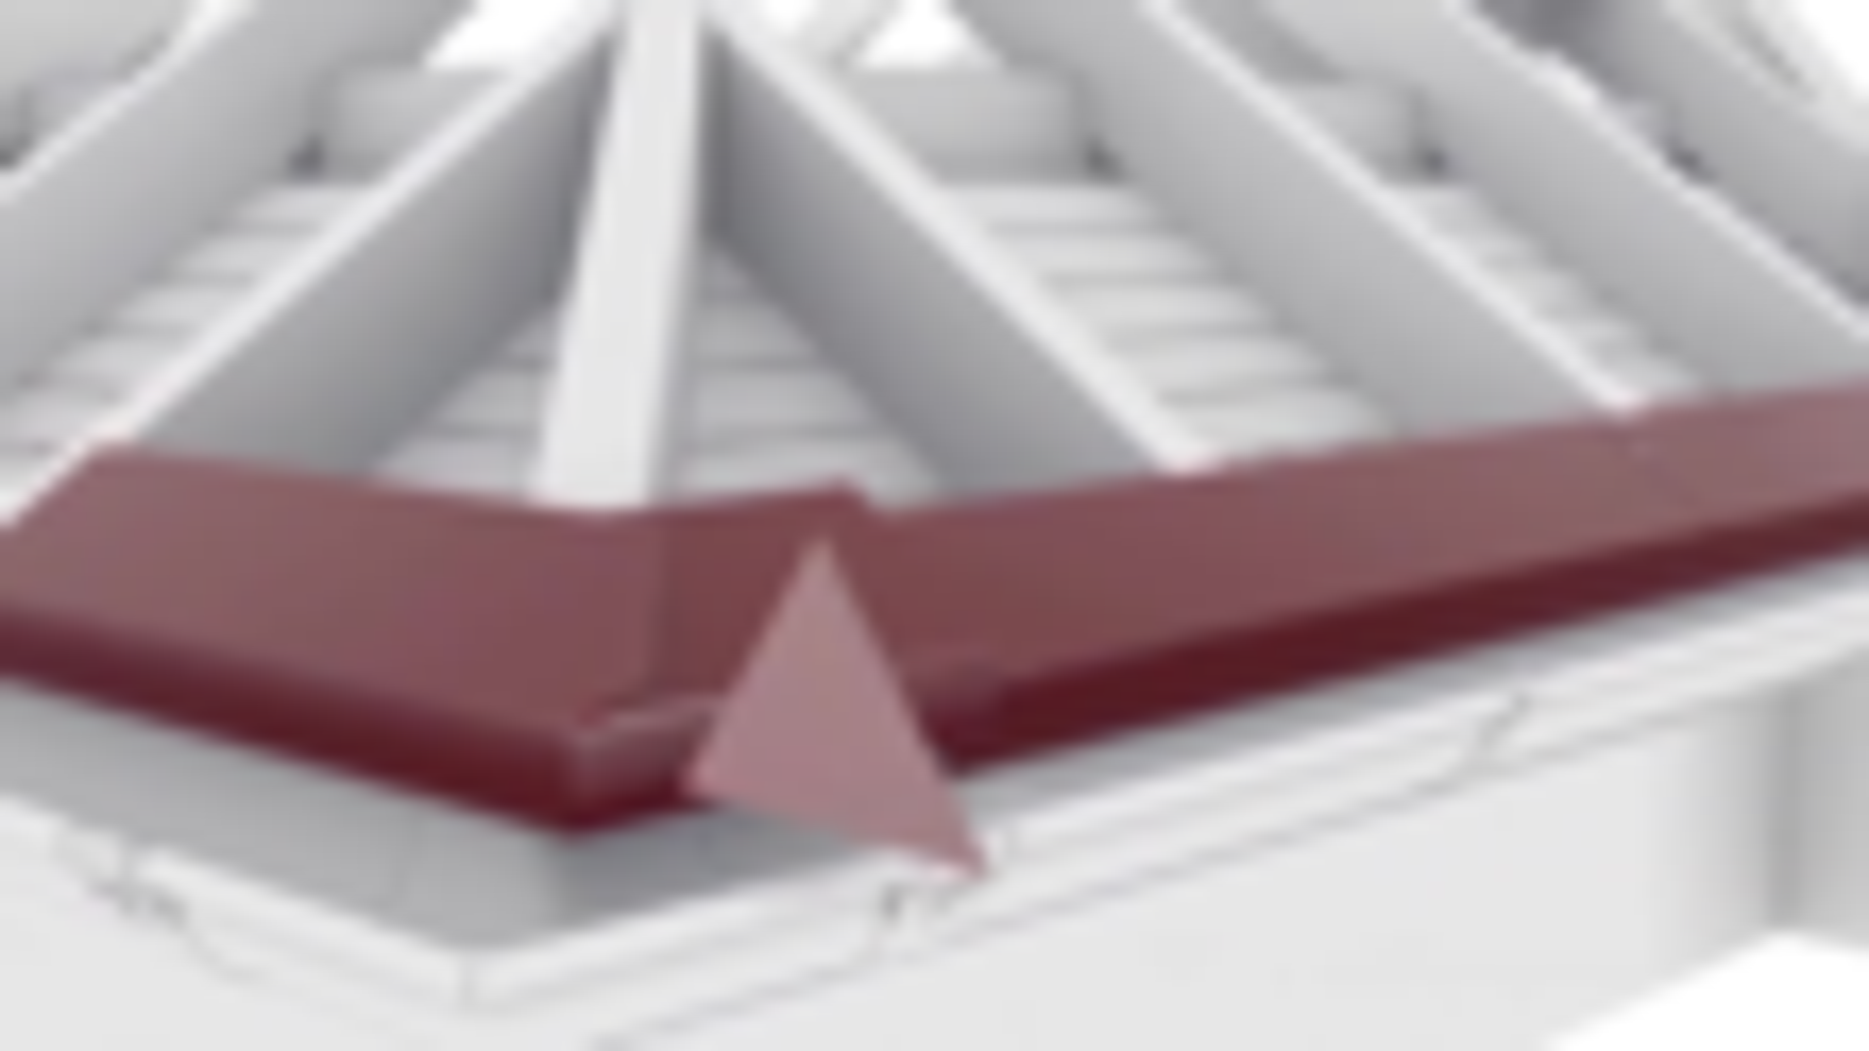 动画演示房顶施工过程,全是螺丝钉固定,防水靠谱吗